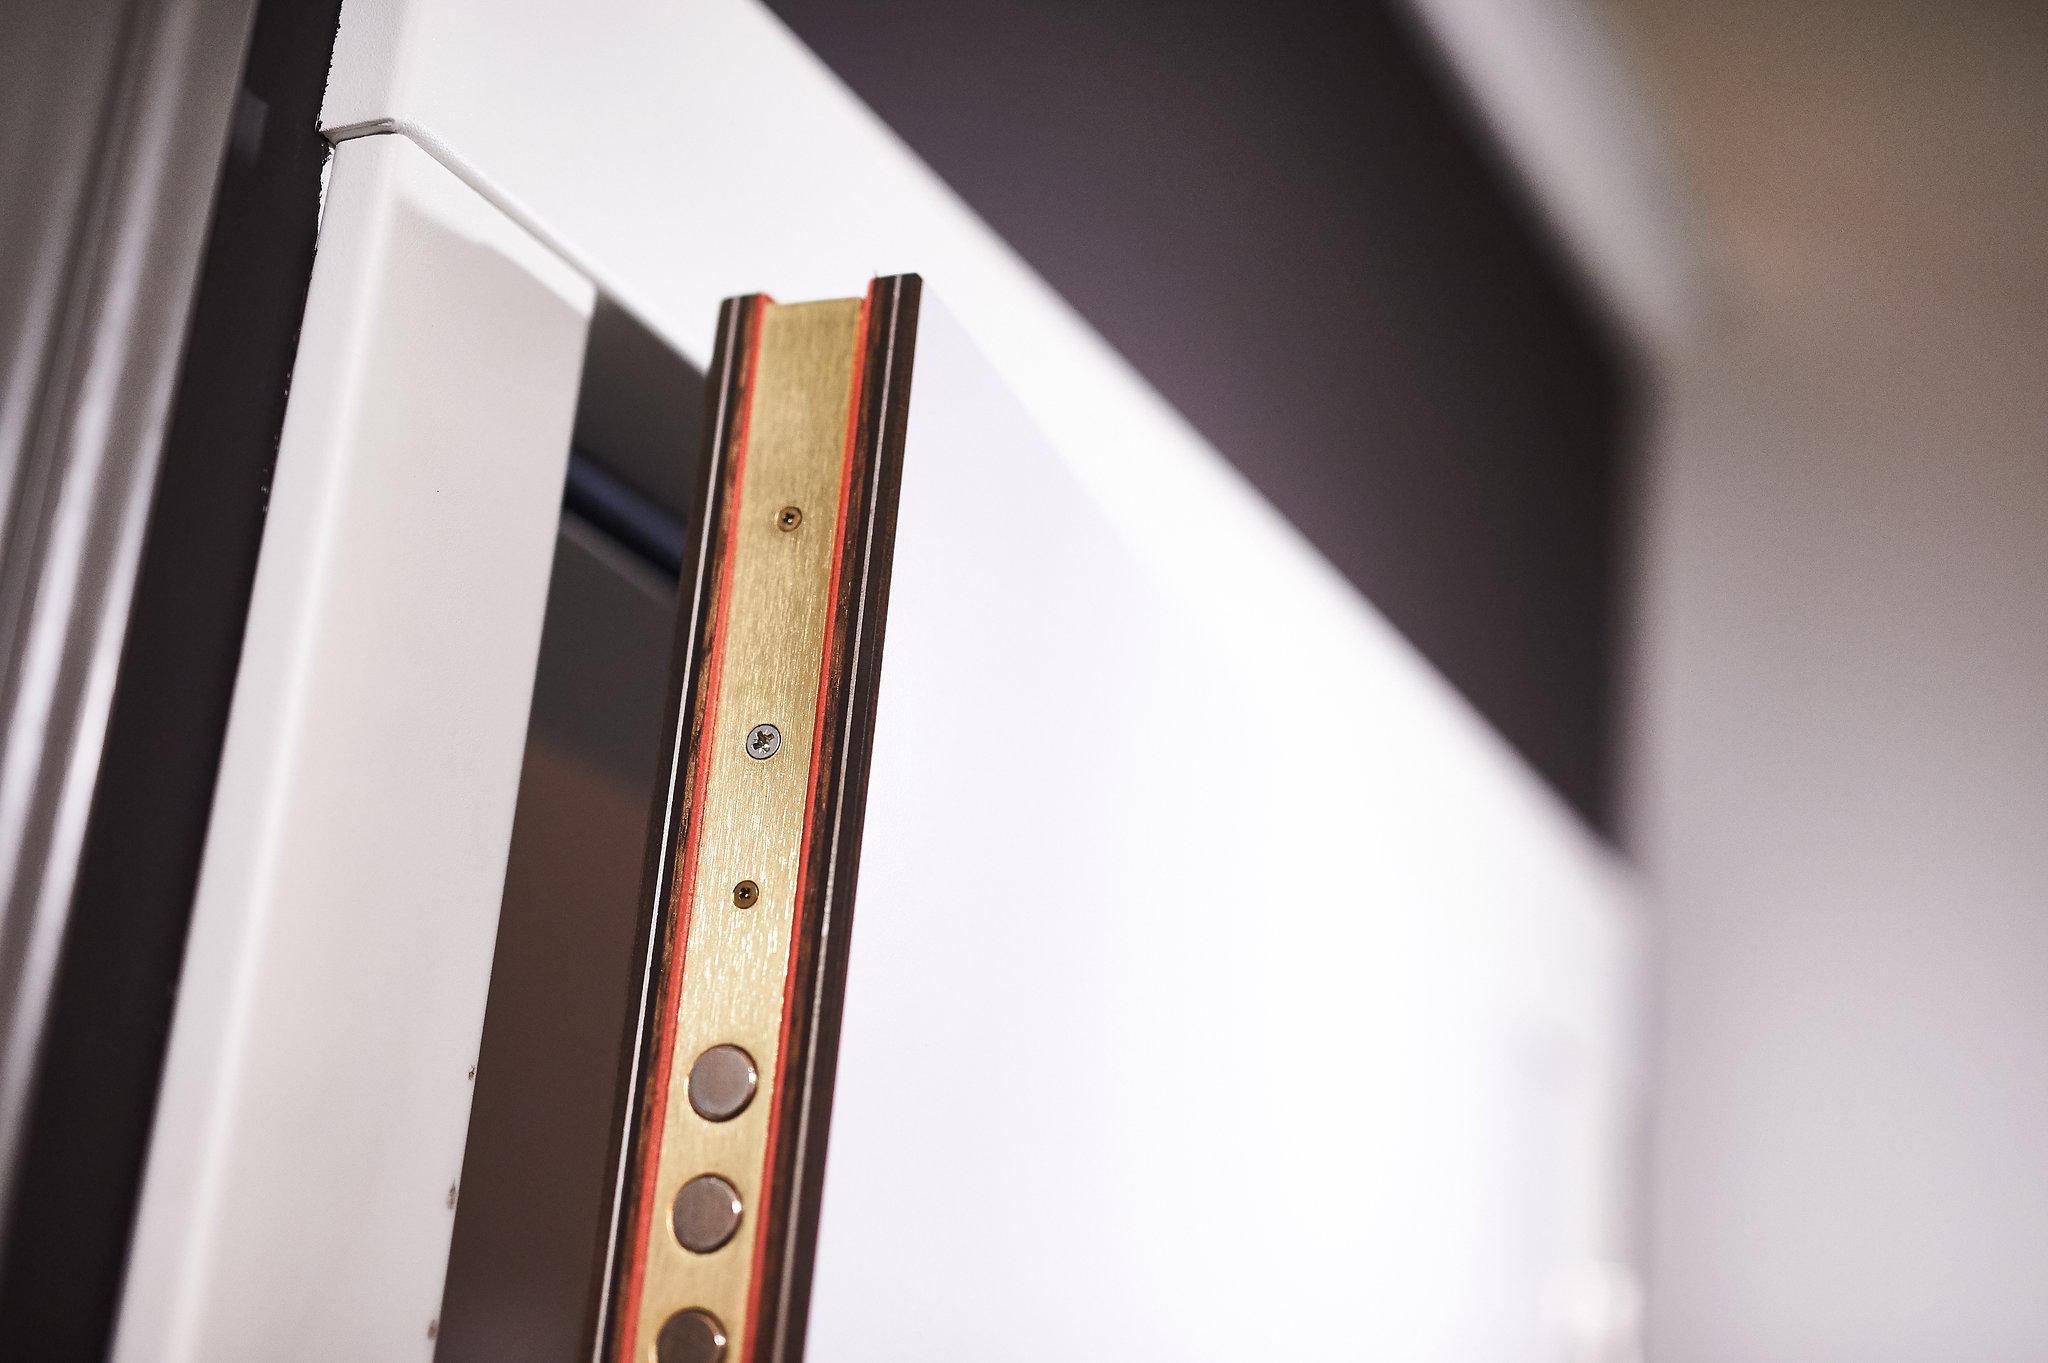 Technische binnendeuren (brandwerend (RF), inbraakwerend, akoestisch)